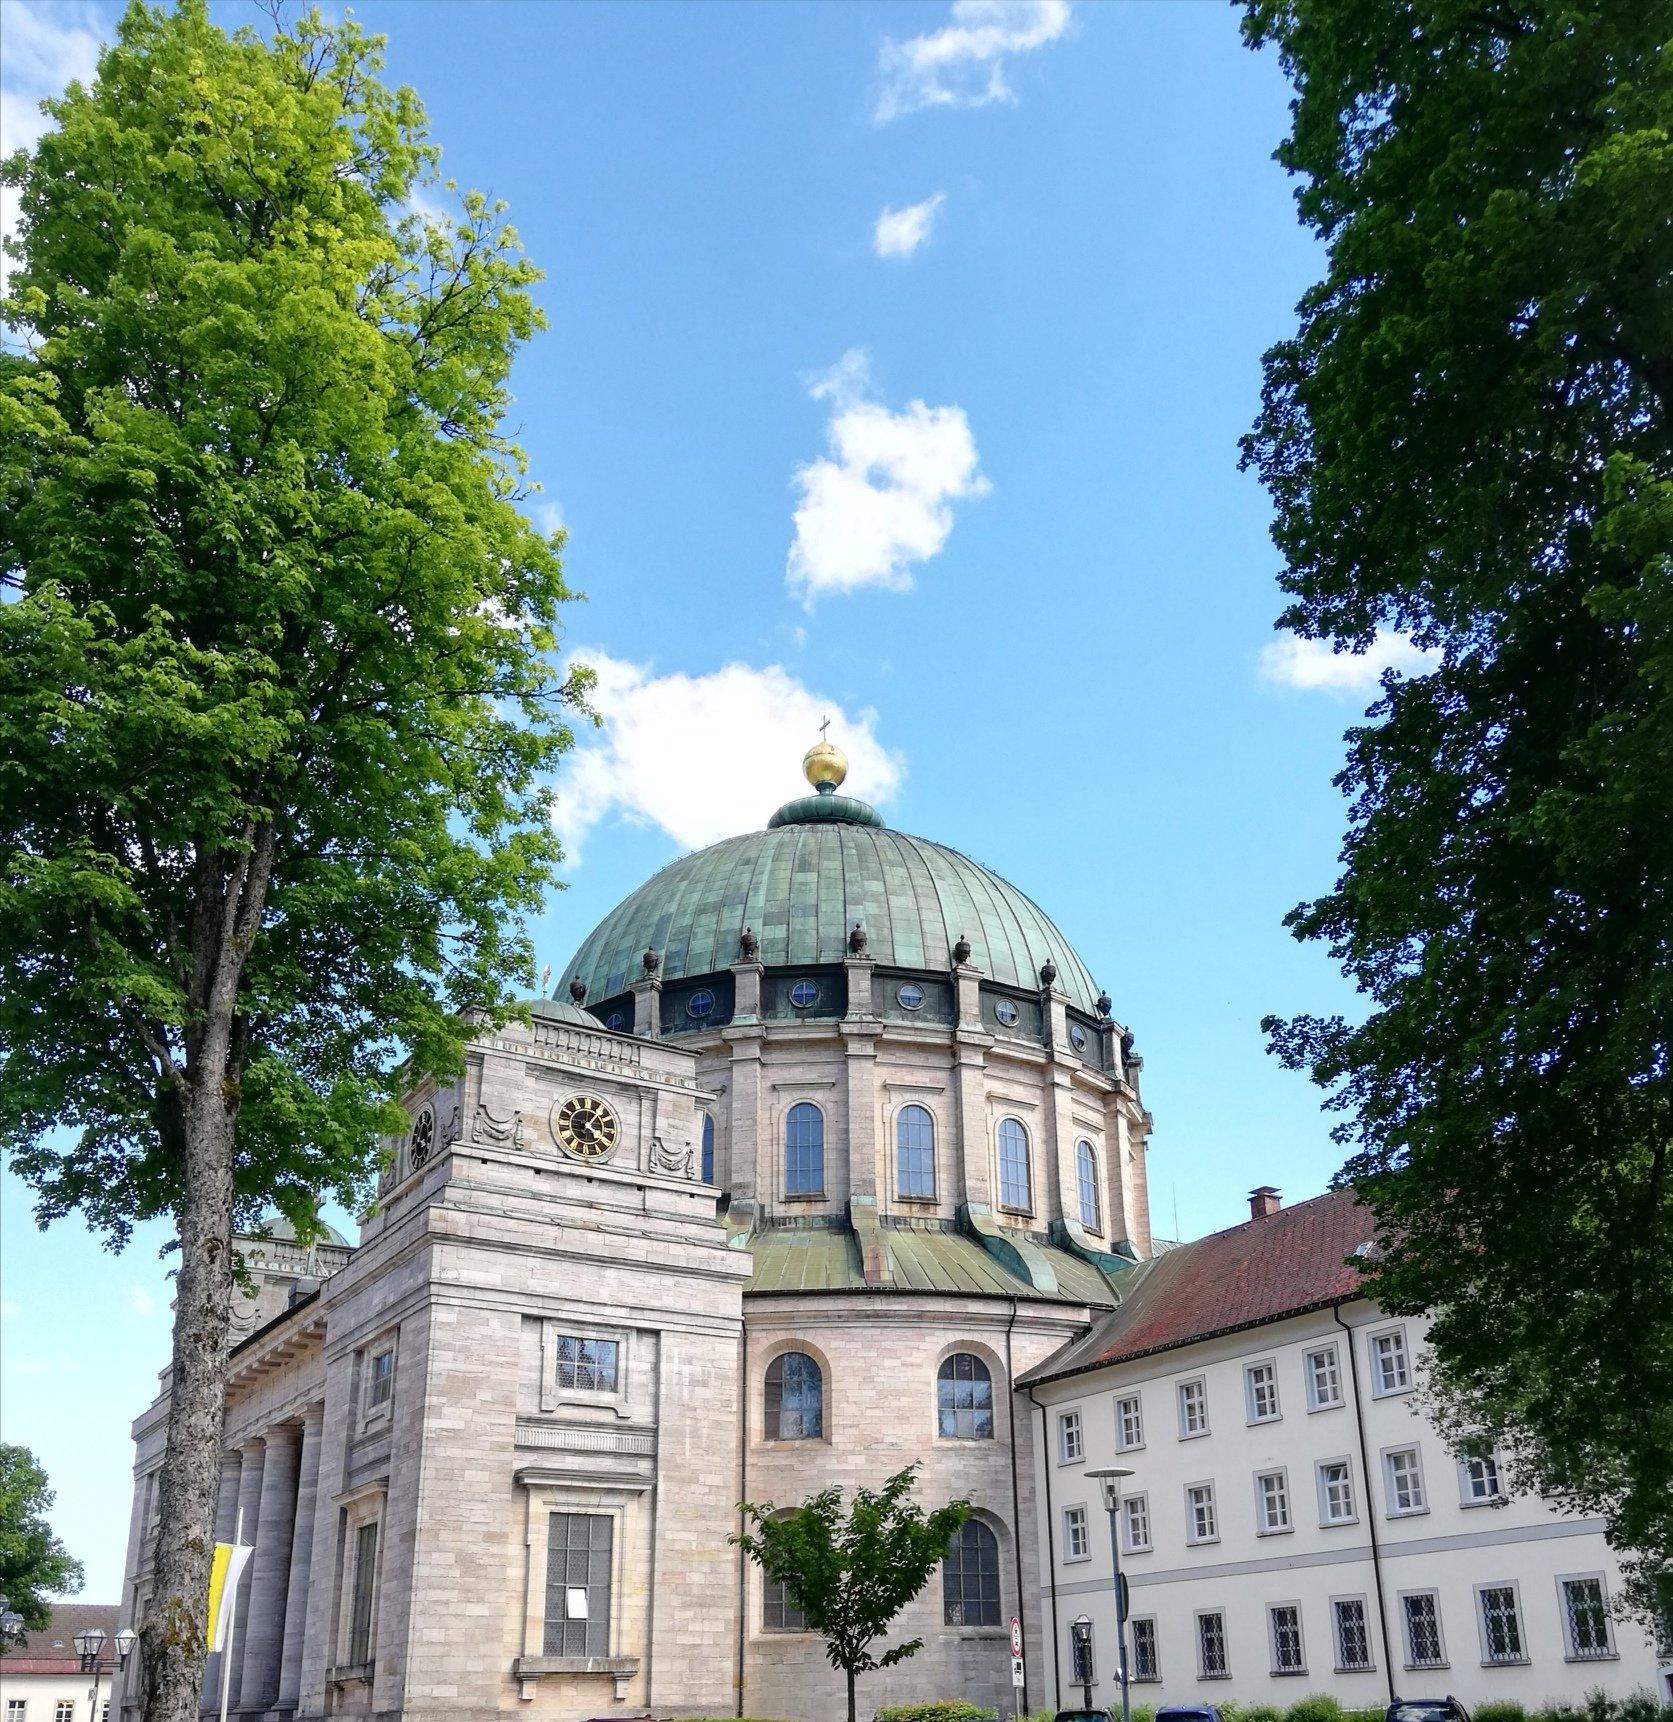 Dom Sankt Blasien